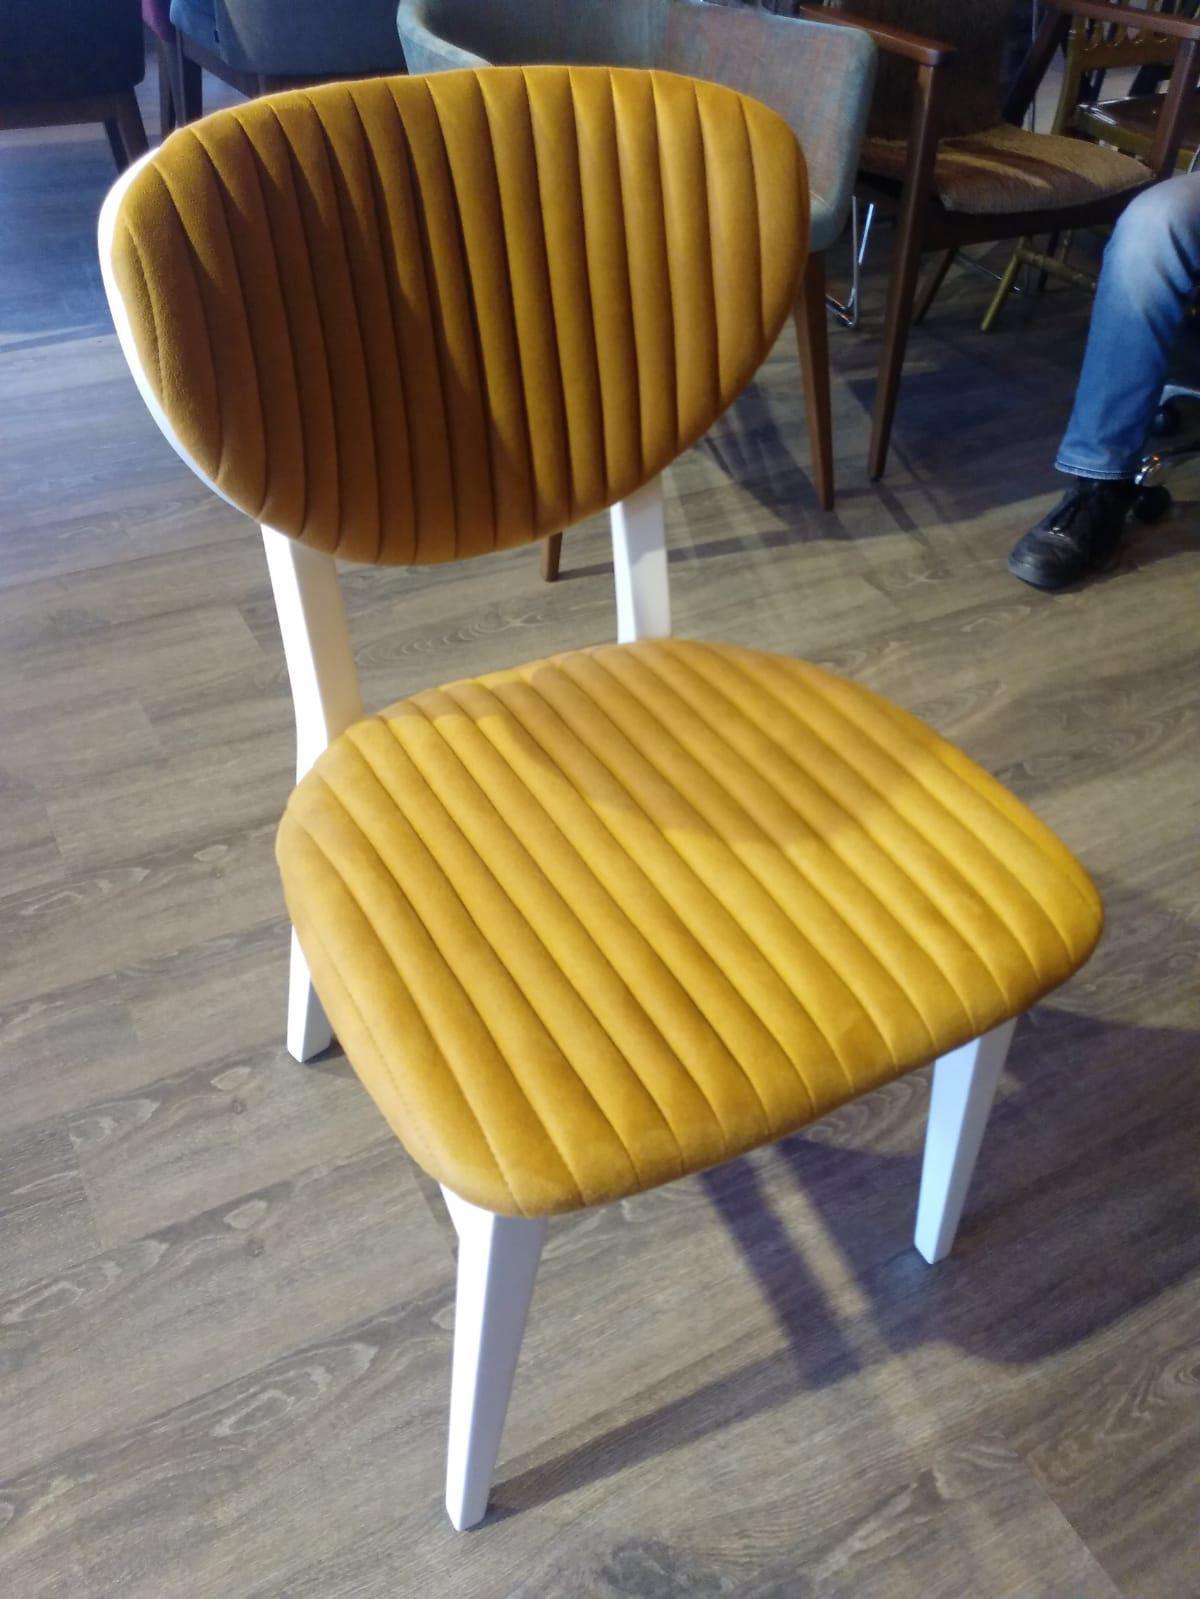 Hem sağlam hem ekonomik Restaurant sandalye modelleri ile herzaman hizmetinizdeyiz.